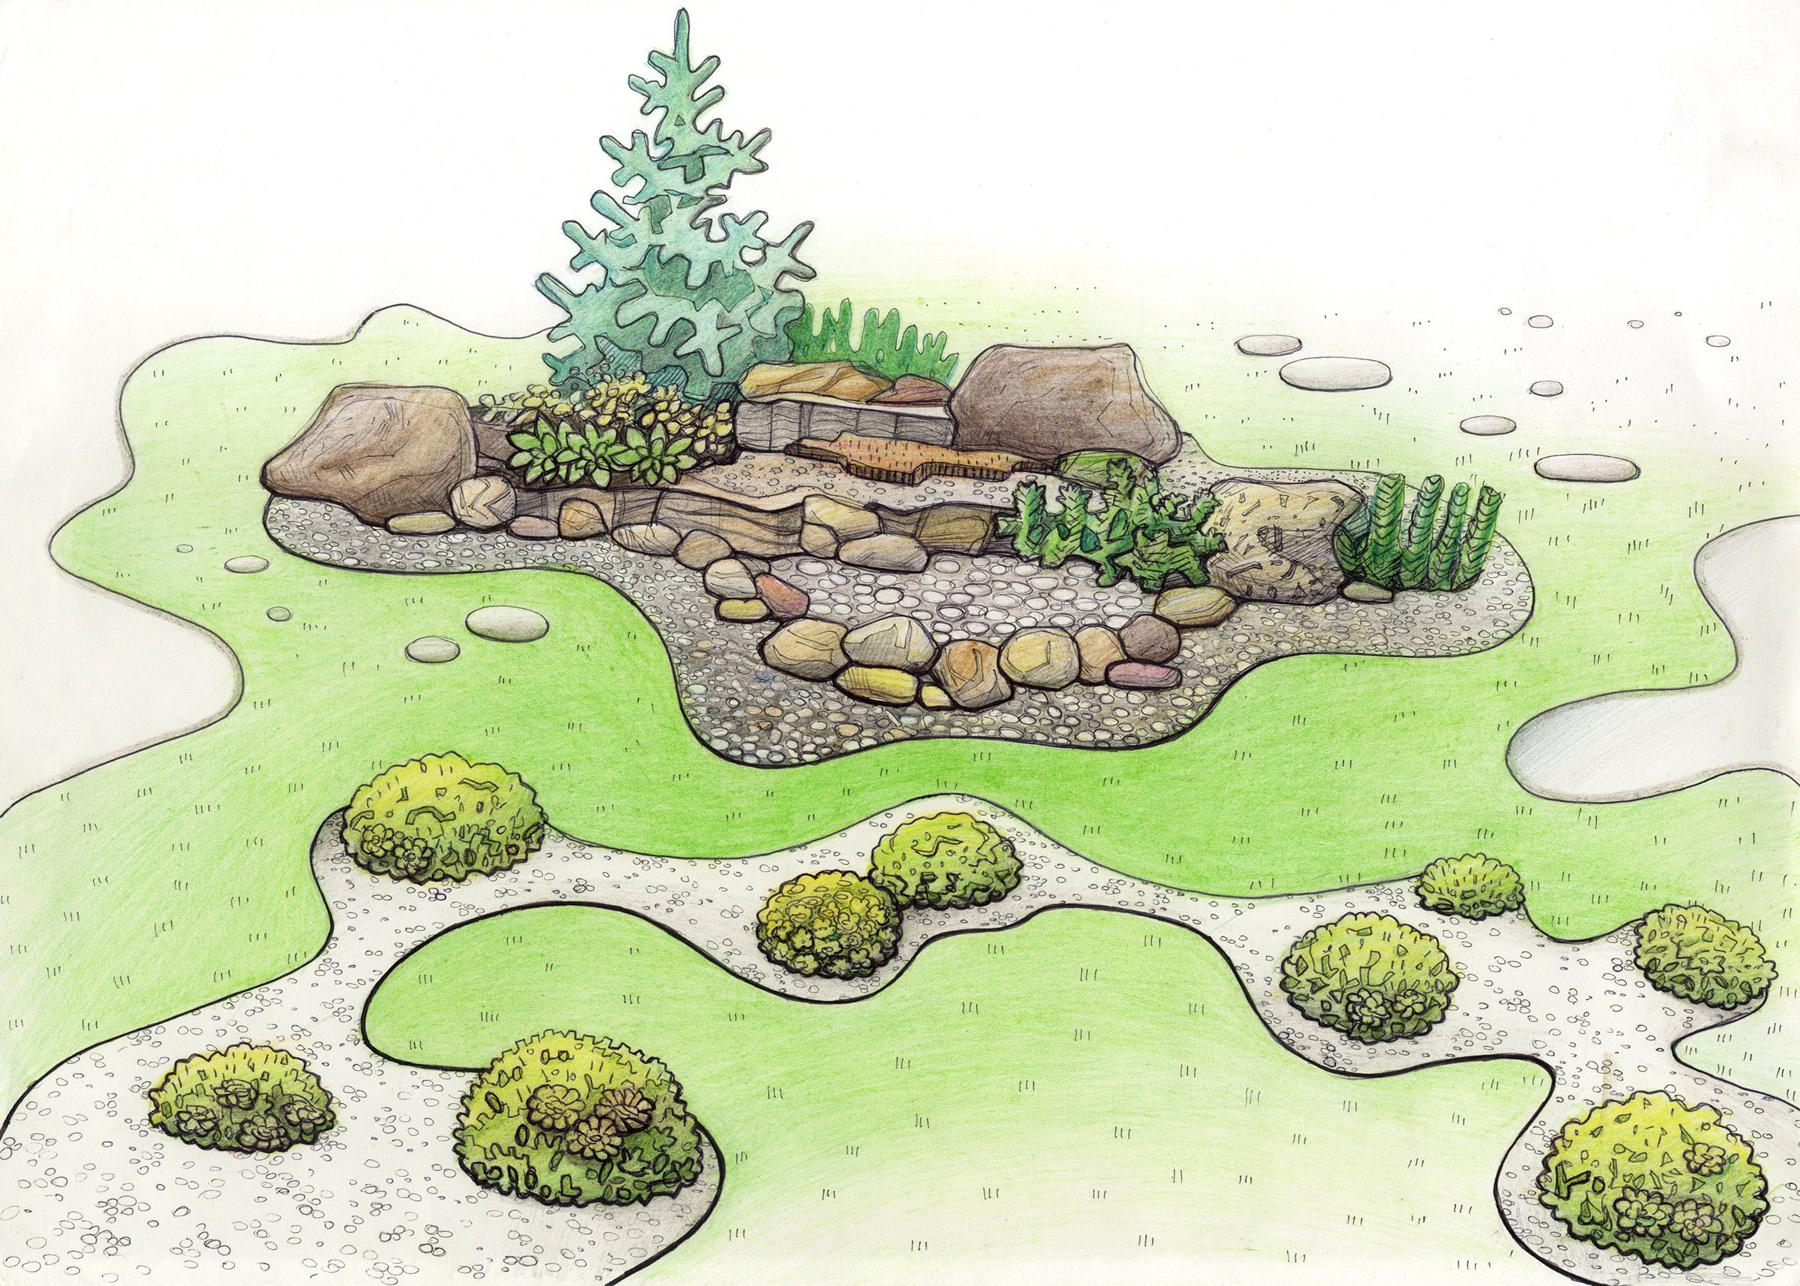 эскизы ландшафтного дизайна: